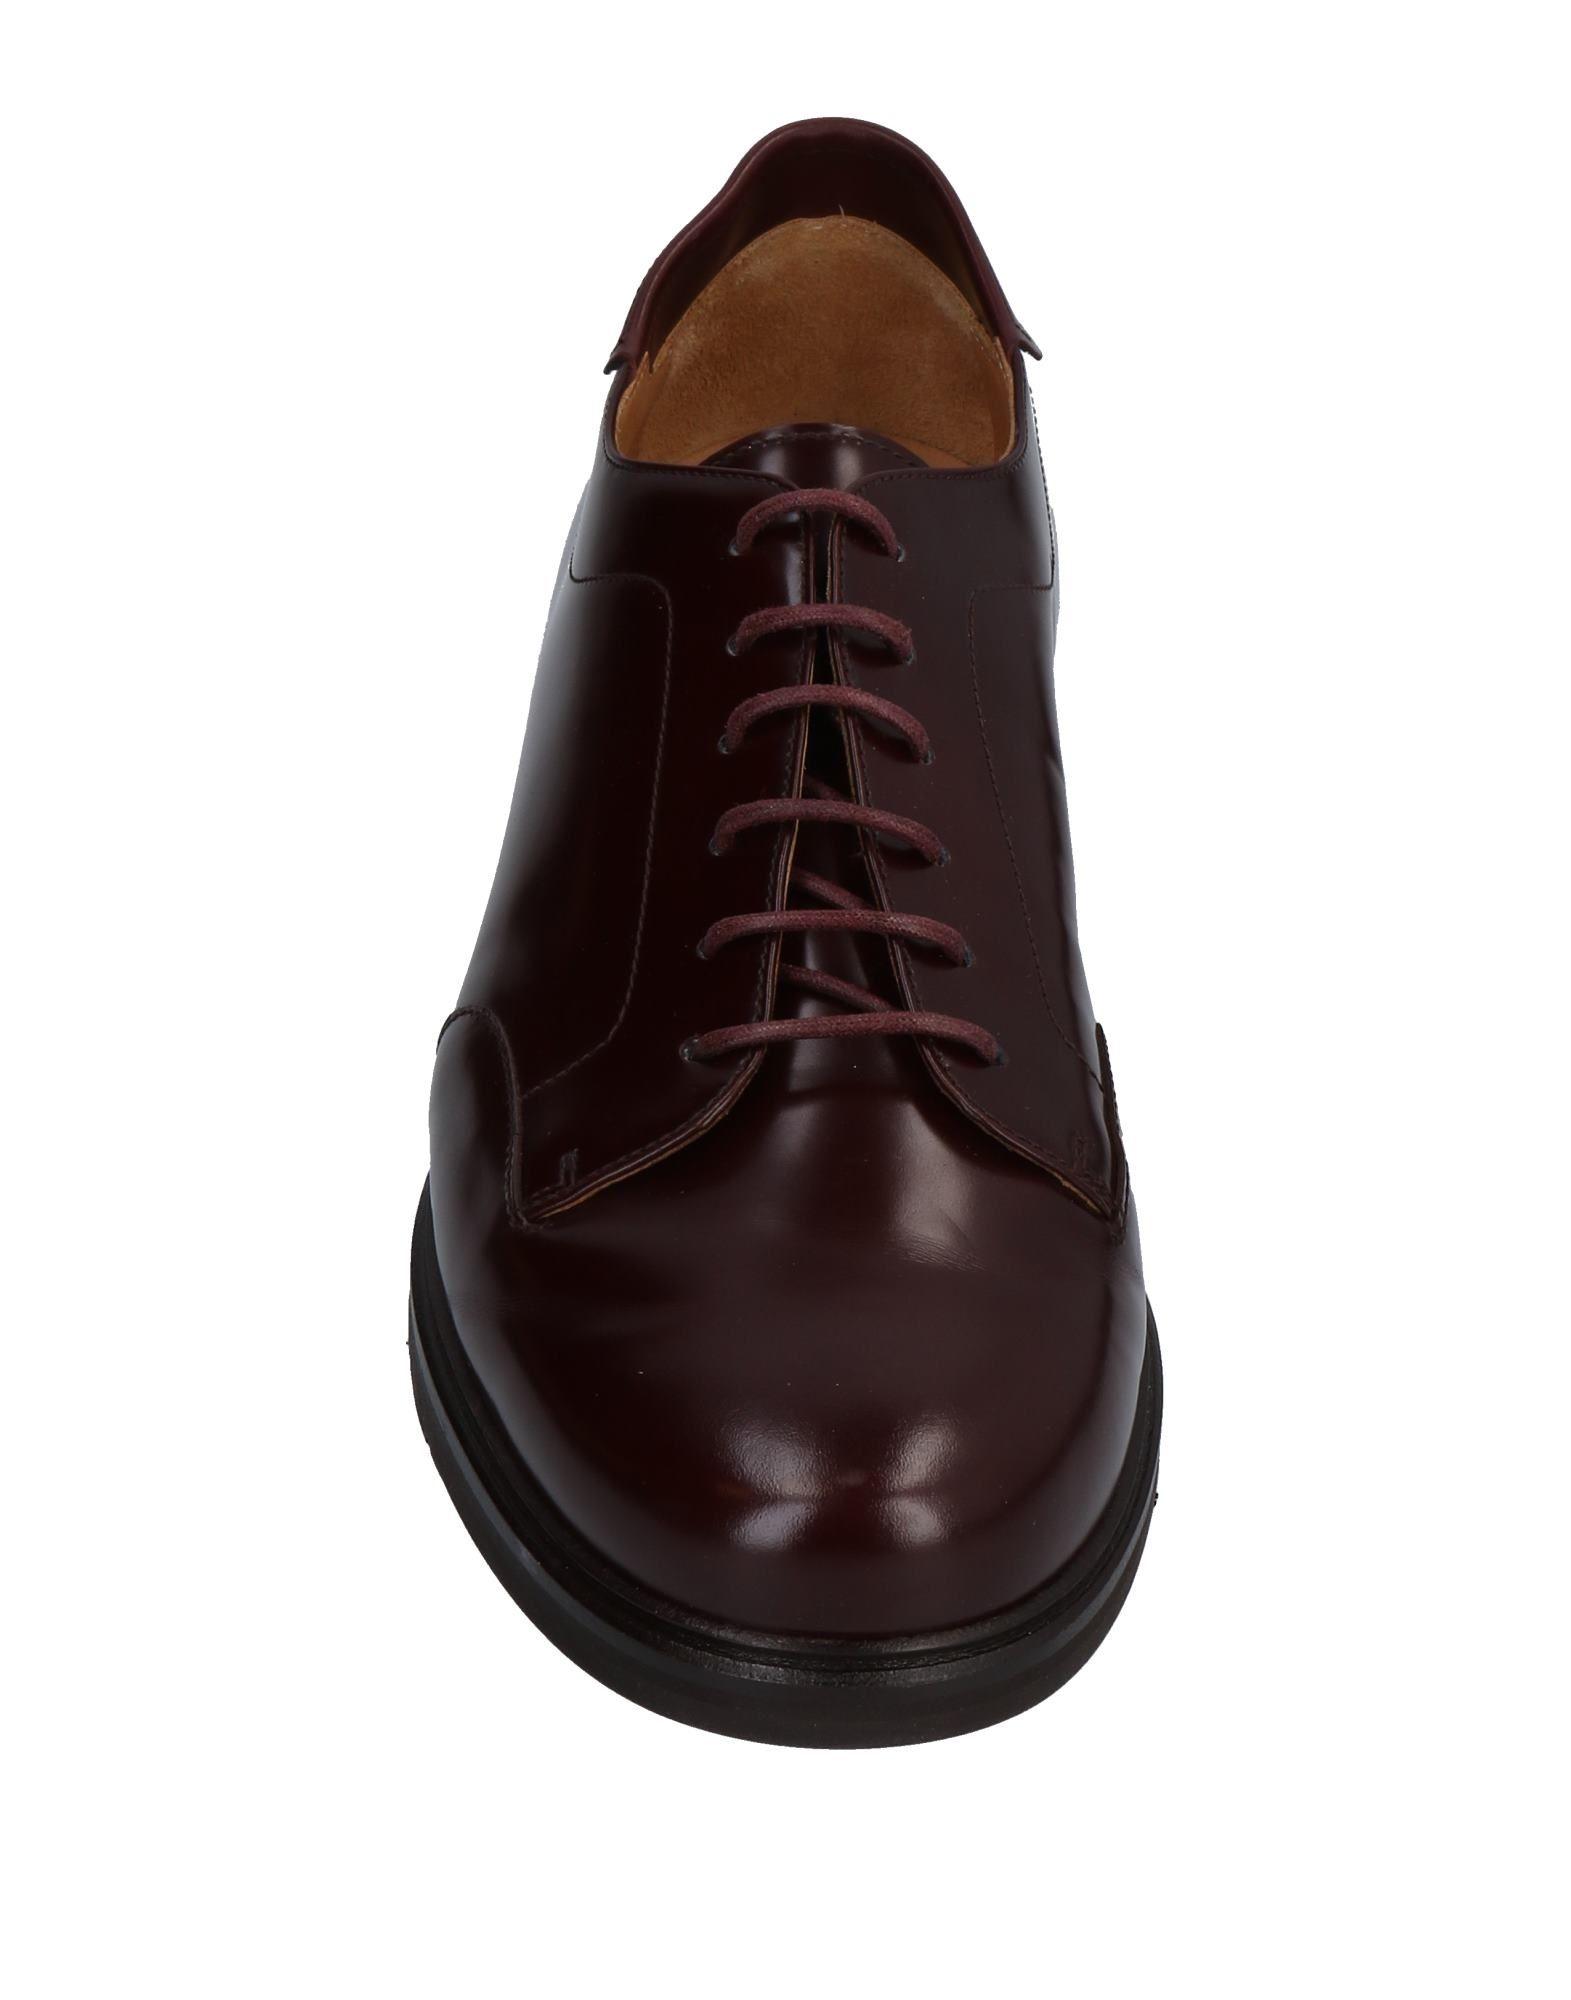 Mccaffrey Sneakers Qualität Herren  11463819SF Gute Qualität Sneakers beliebte Schuhe e69b5a